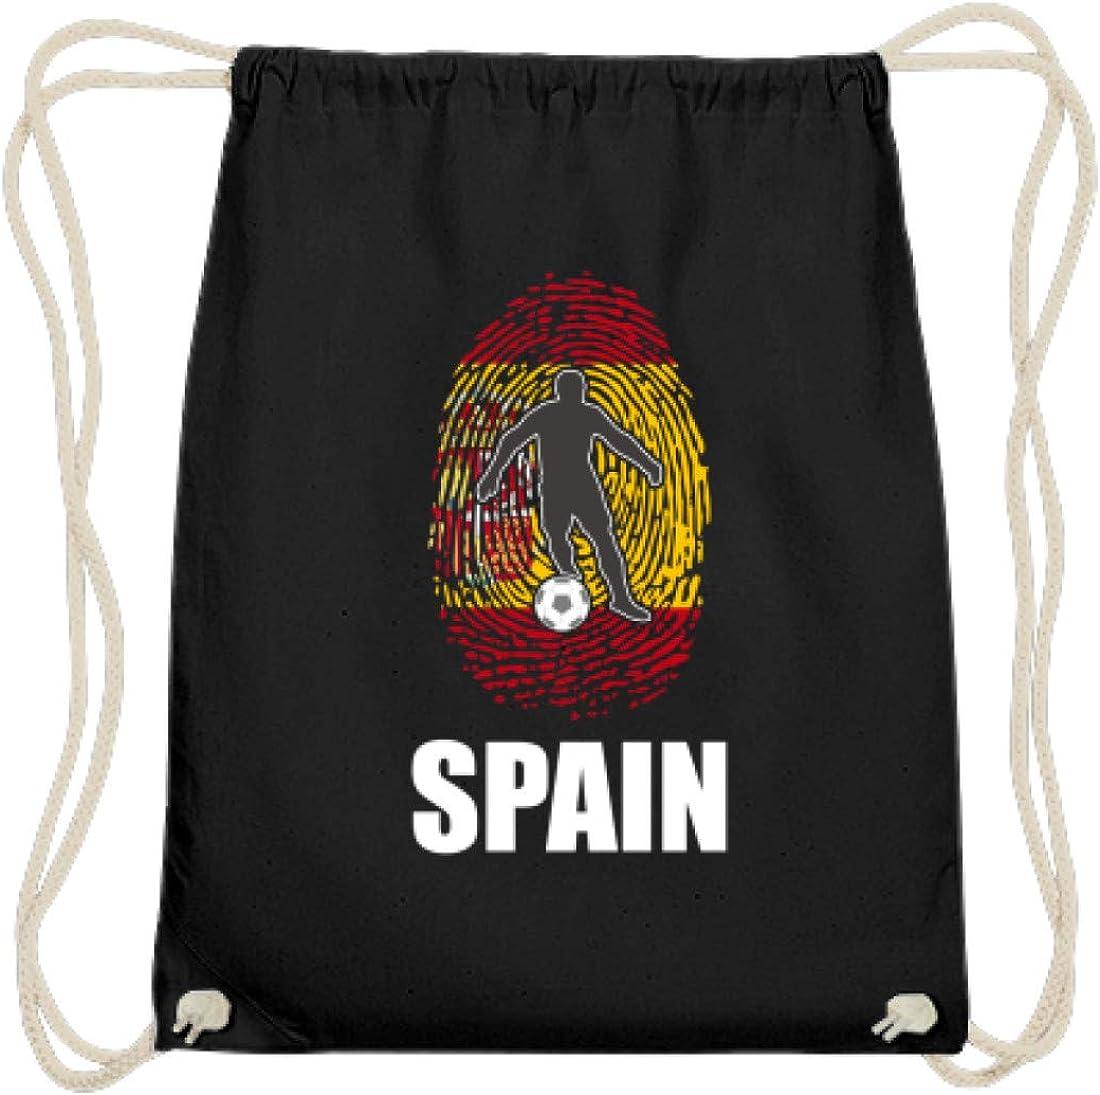 Camiseta del mundial de España de Rusia 2018, para fans españoles, fútbol, huellas dactilares, diseño nacional – algodón Gymsac, color Negro, talla 37cm-46cm: Amazon.es: Ropa y accesorios